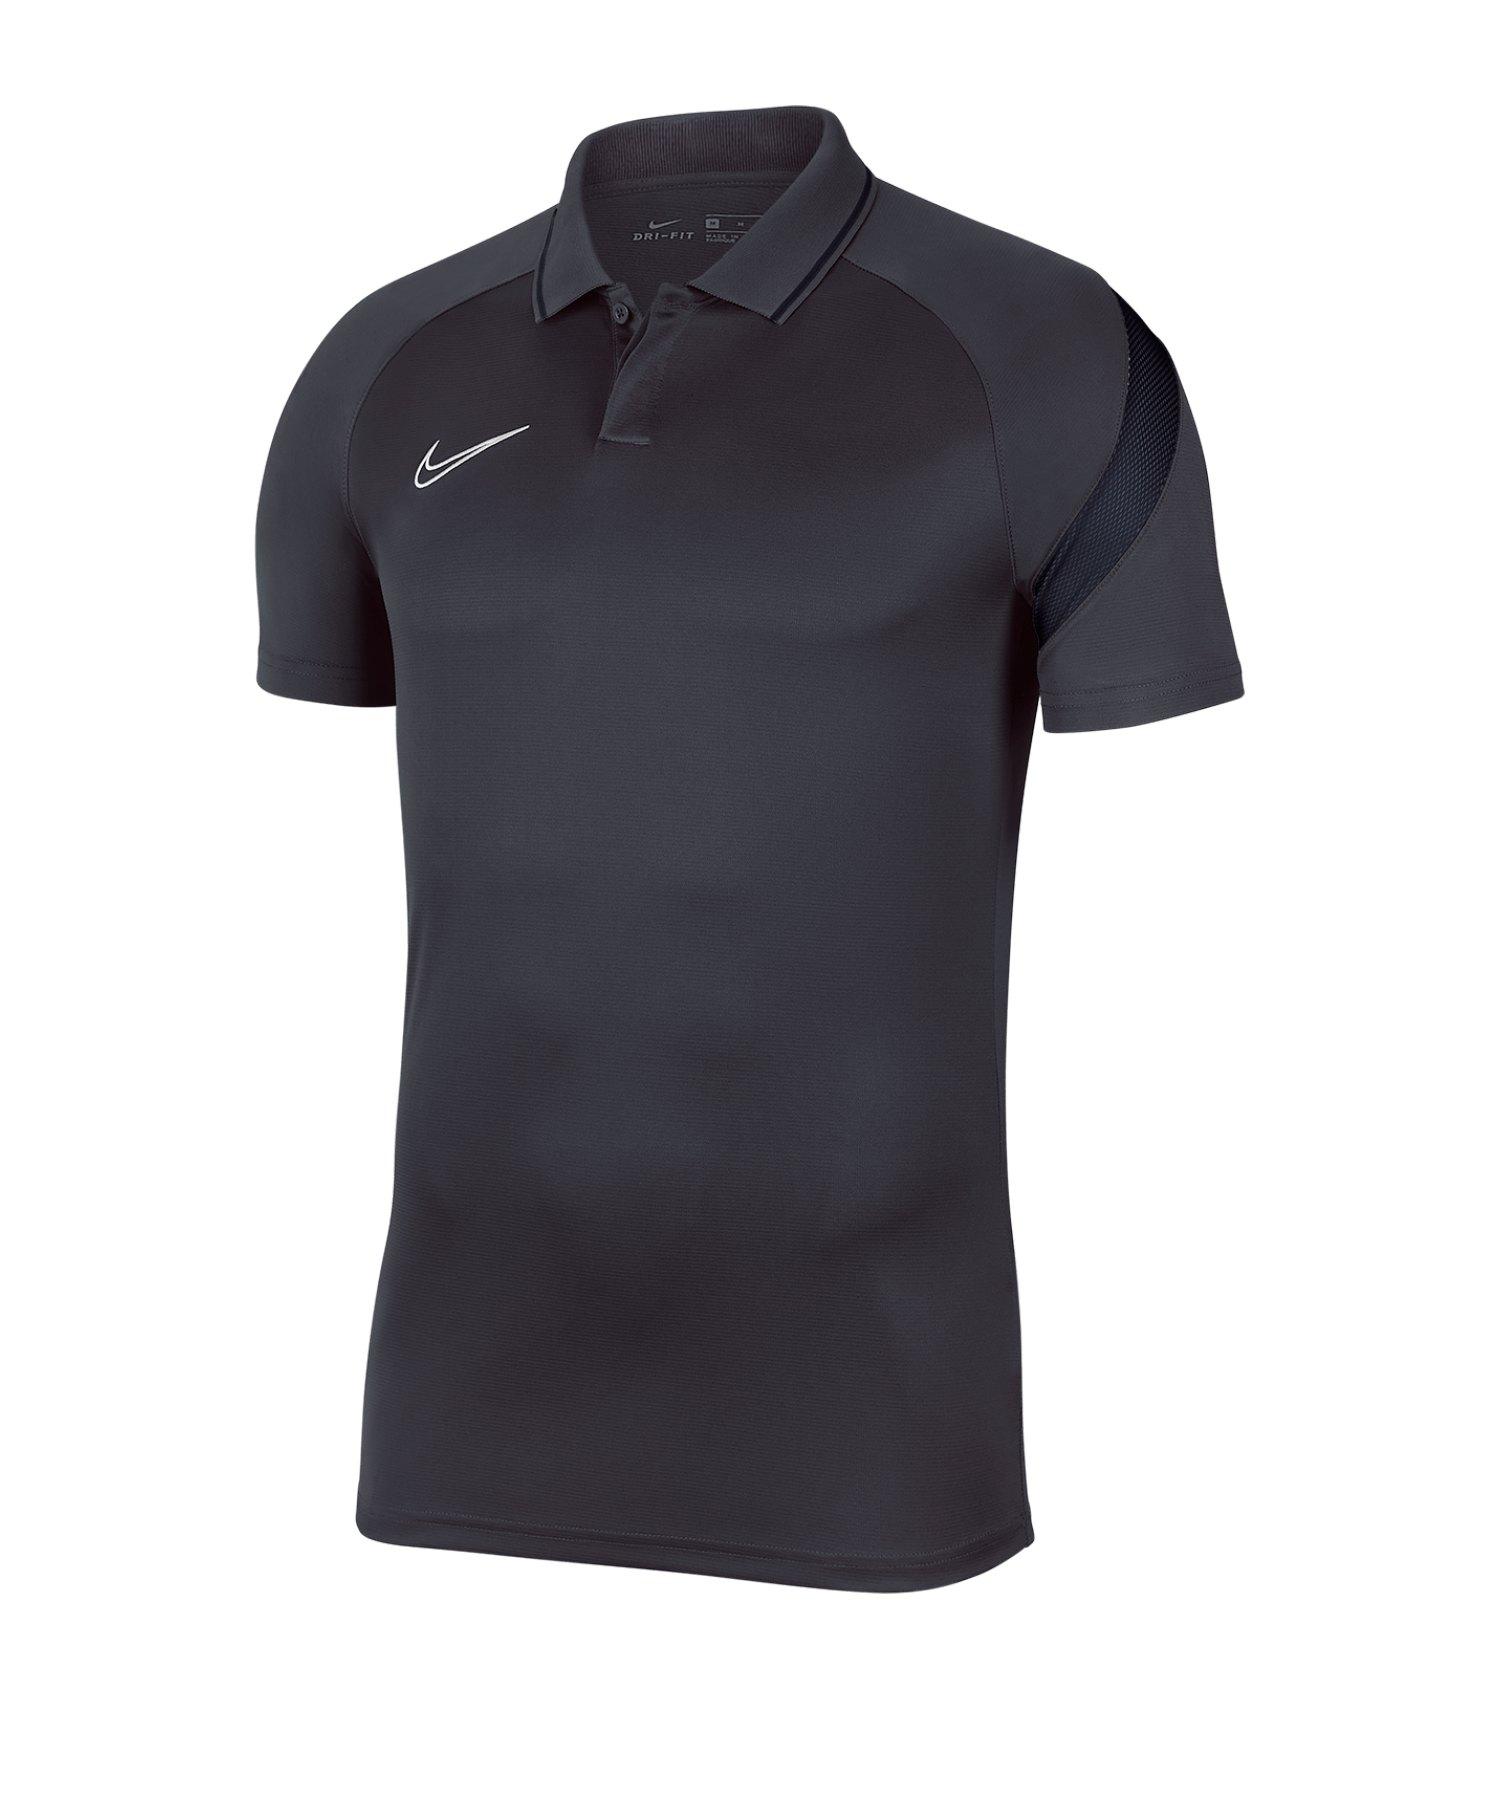 Nike Academy Pro Poloshirt Grau F067 - grau